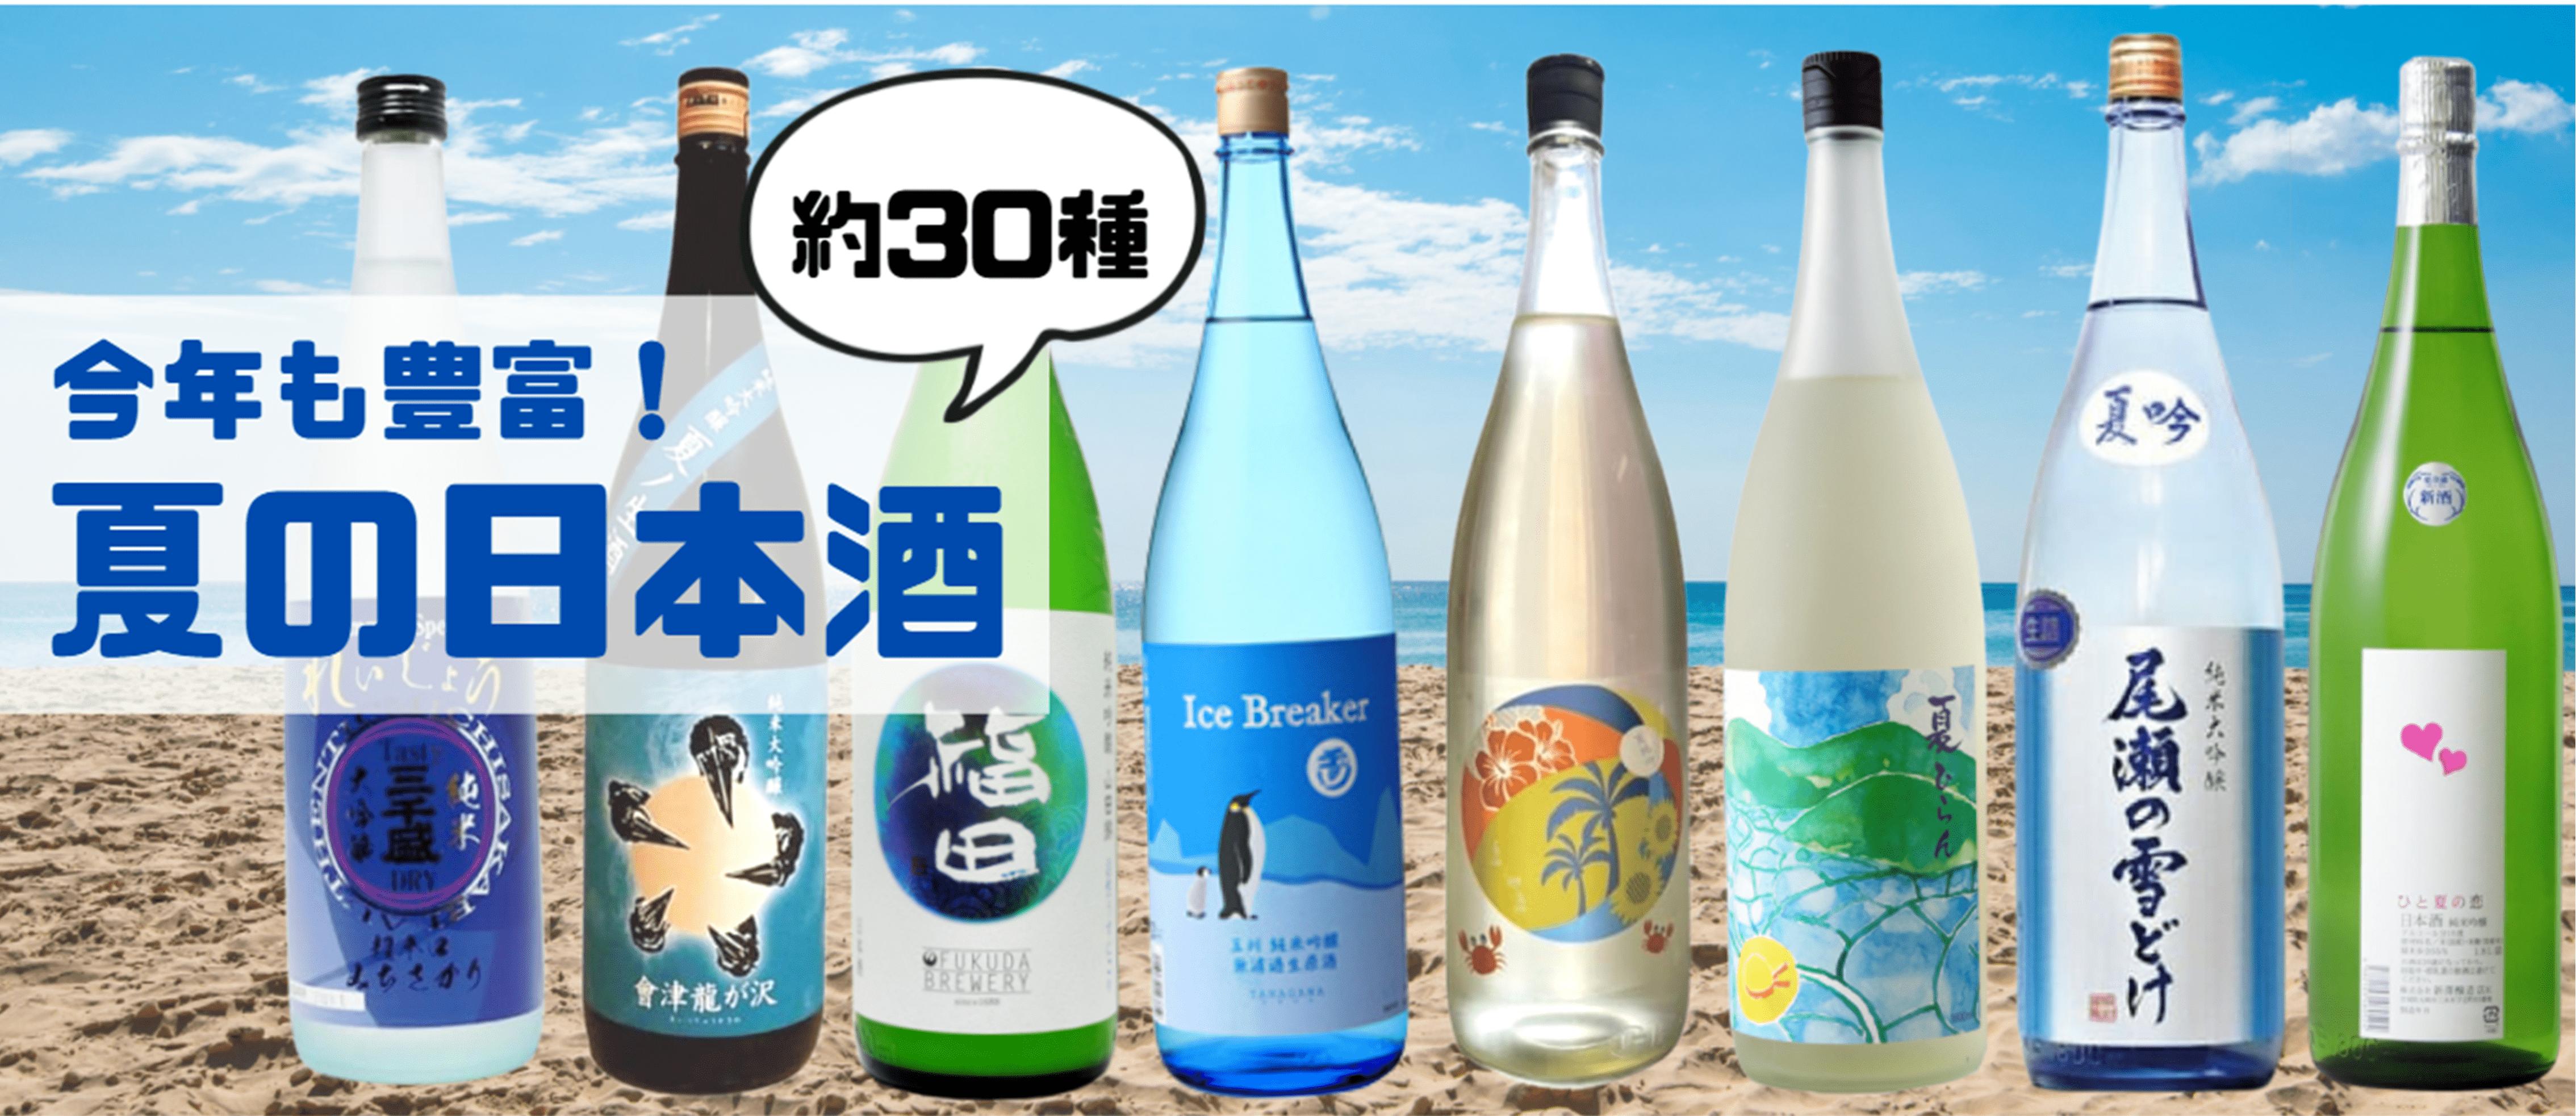 夏の日本酒 2021